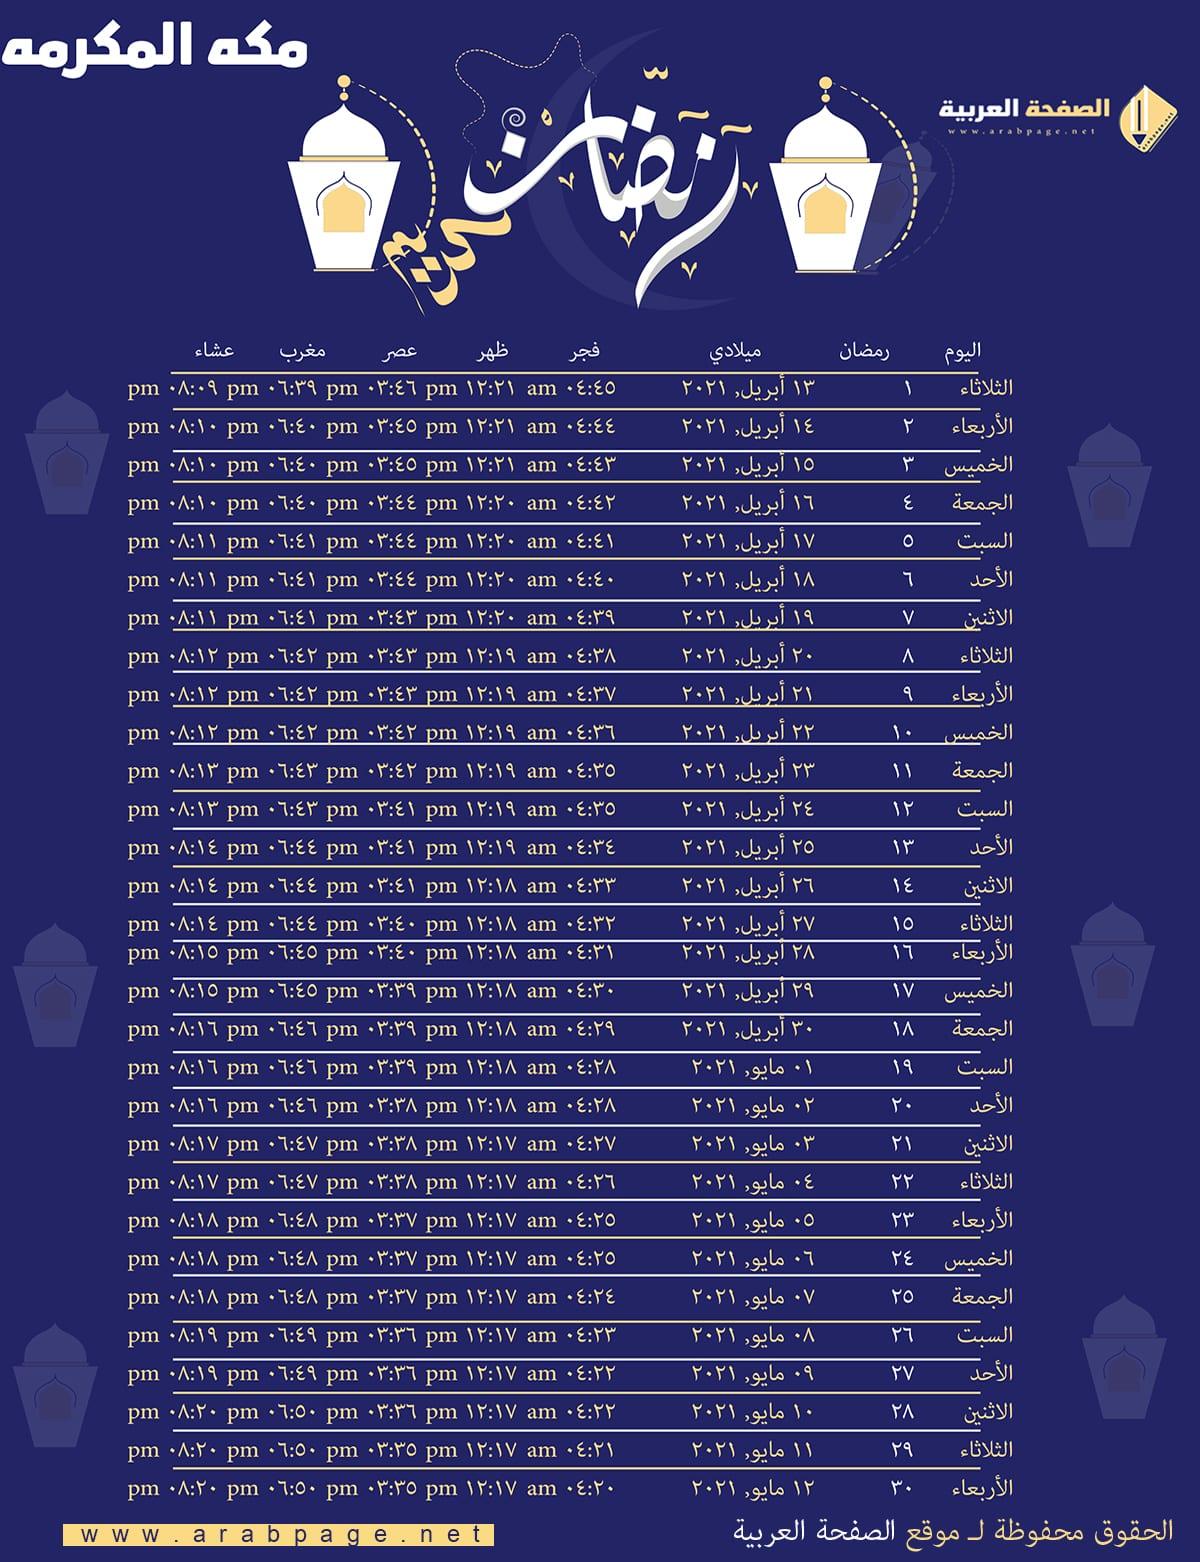 امساكية رمضان السعودية للعام الجديد 2021